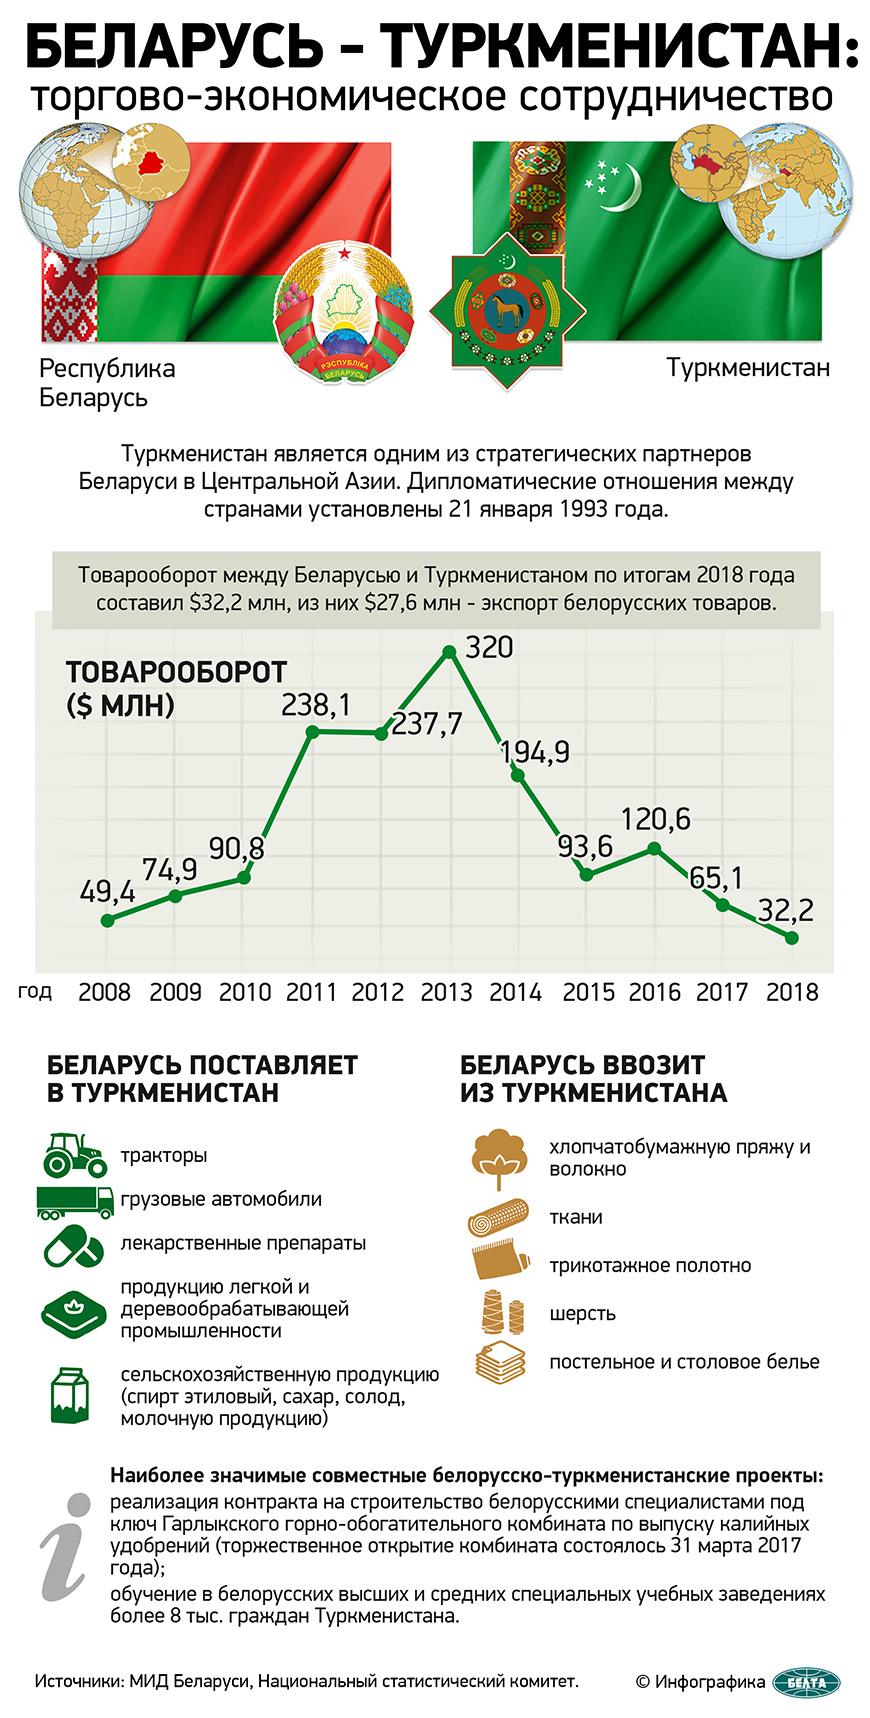 Беларусь - Туркменистан: торгово-экономическое сотрудничество